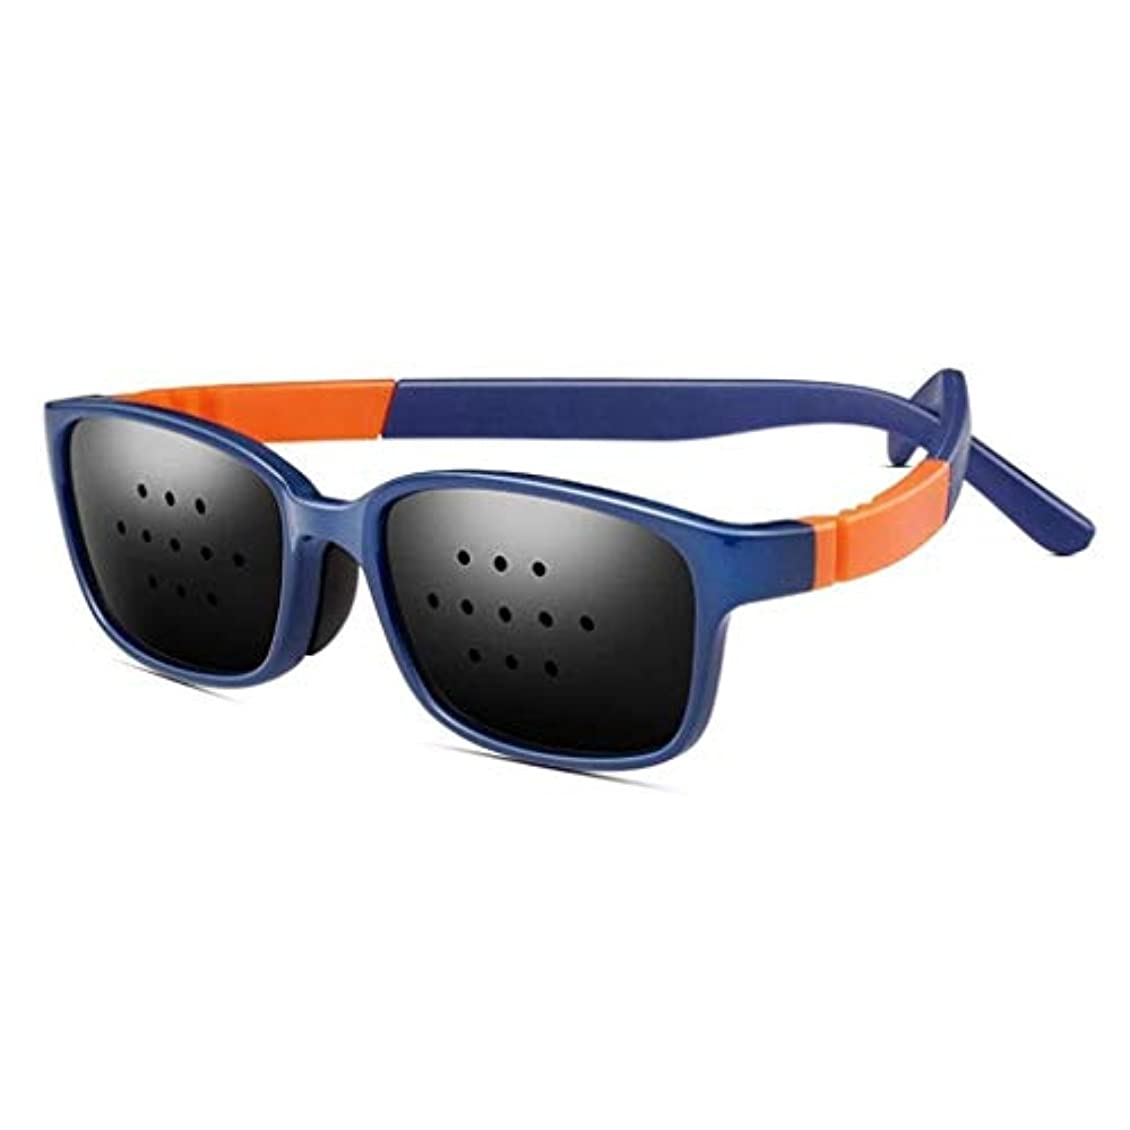 意図する品種差ピンホールメガネ、視力矯正メガネ網状視力保護メガネ耐疲労性メガネ近視の防止メガネの改善 (Color : 青)